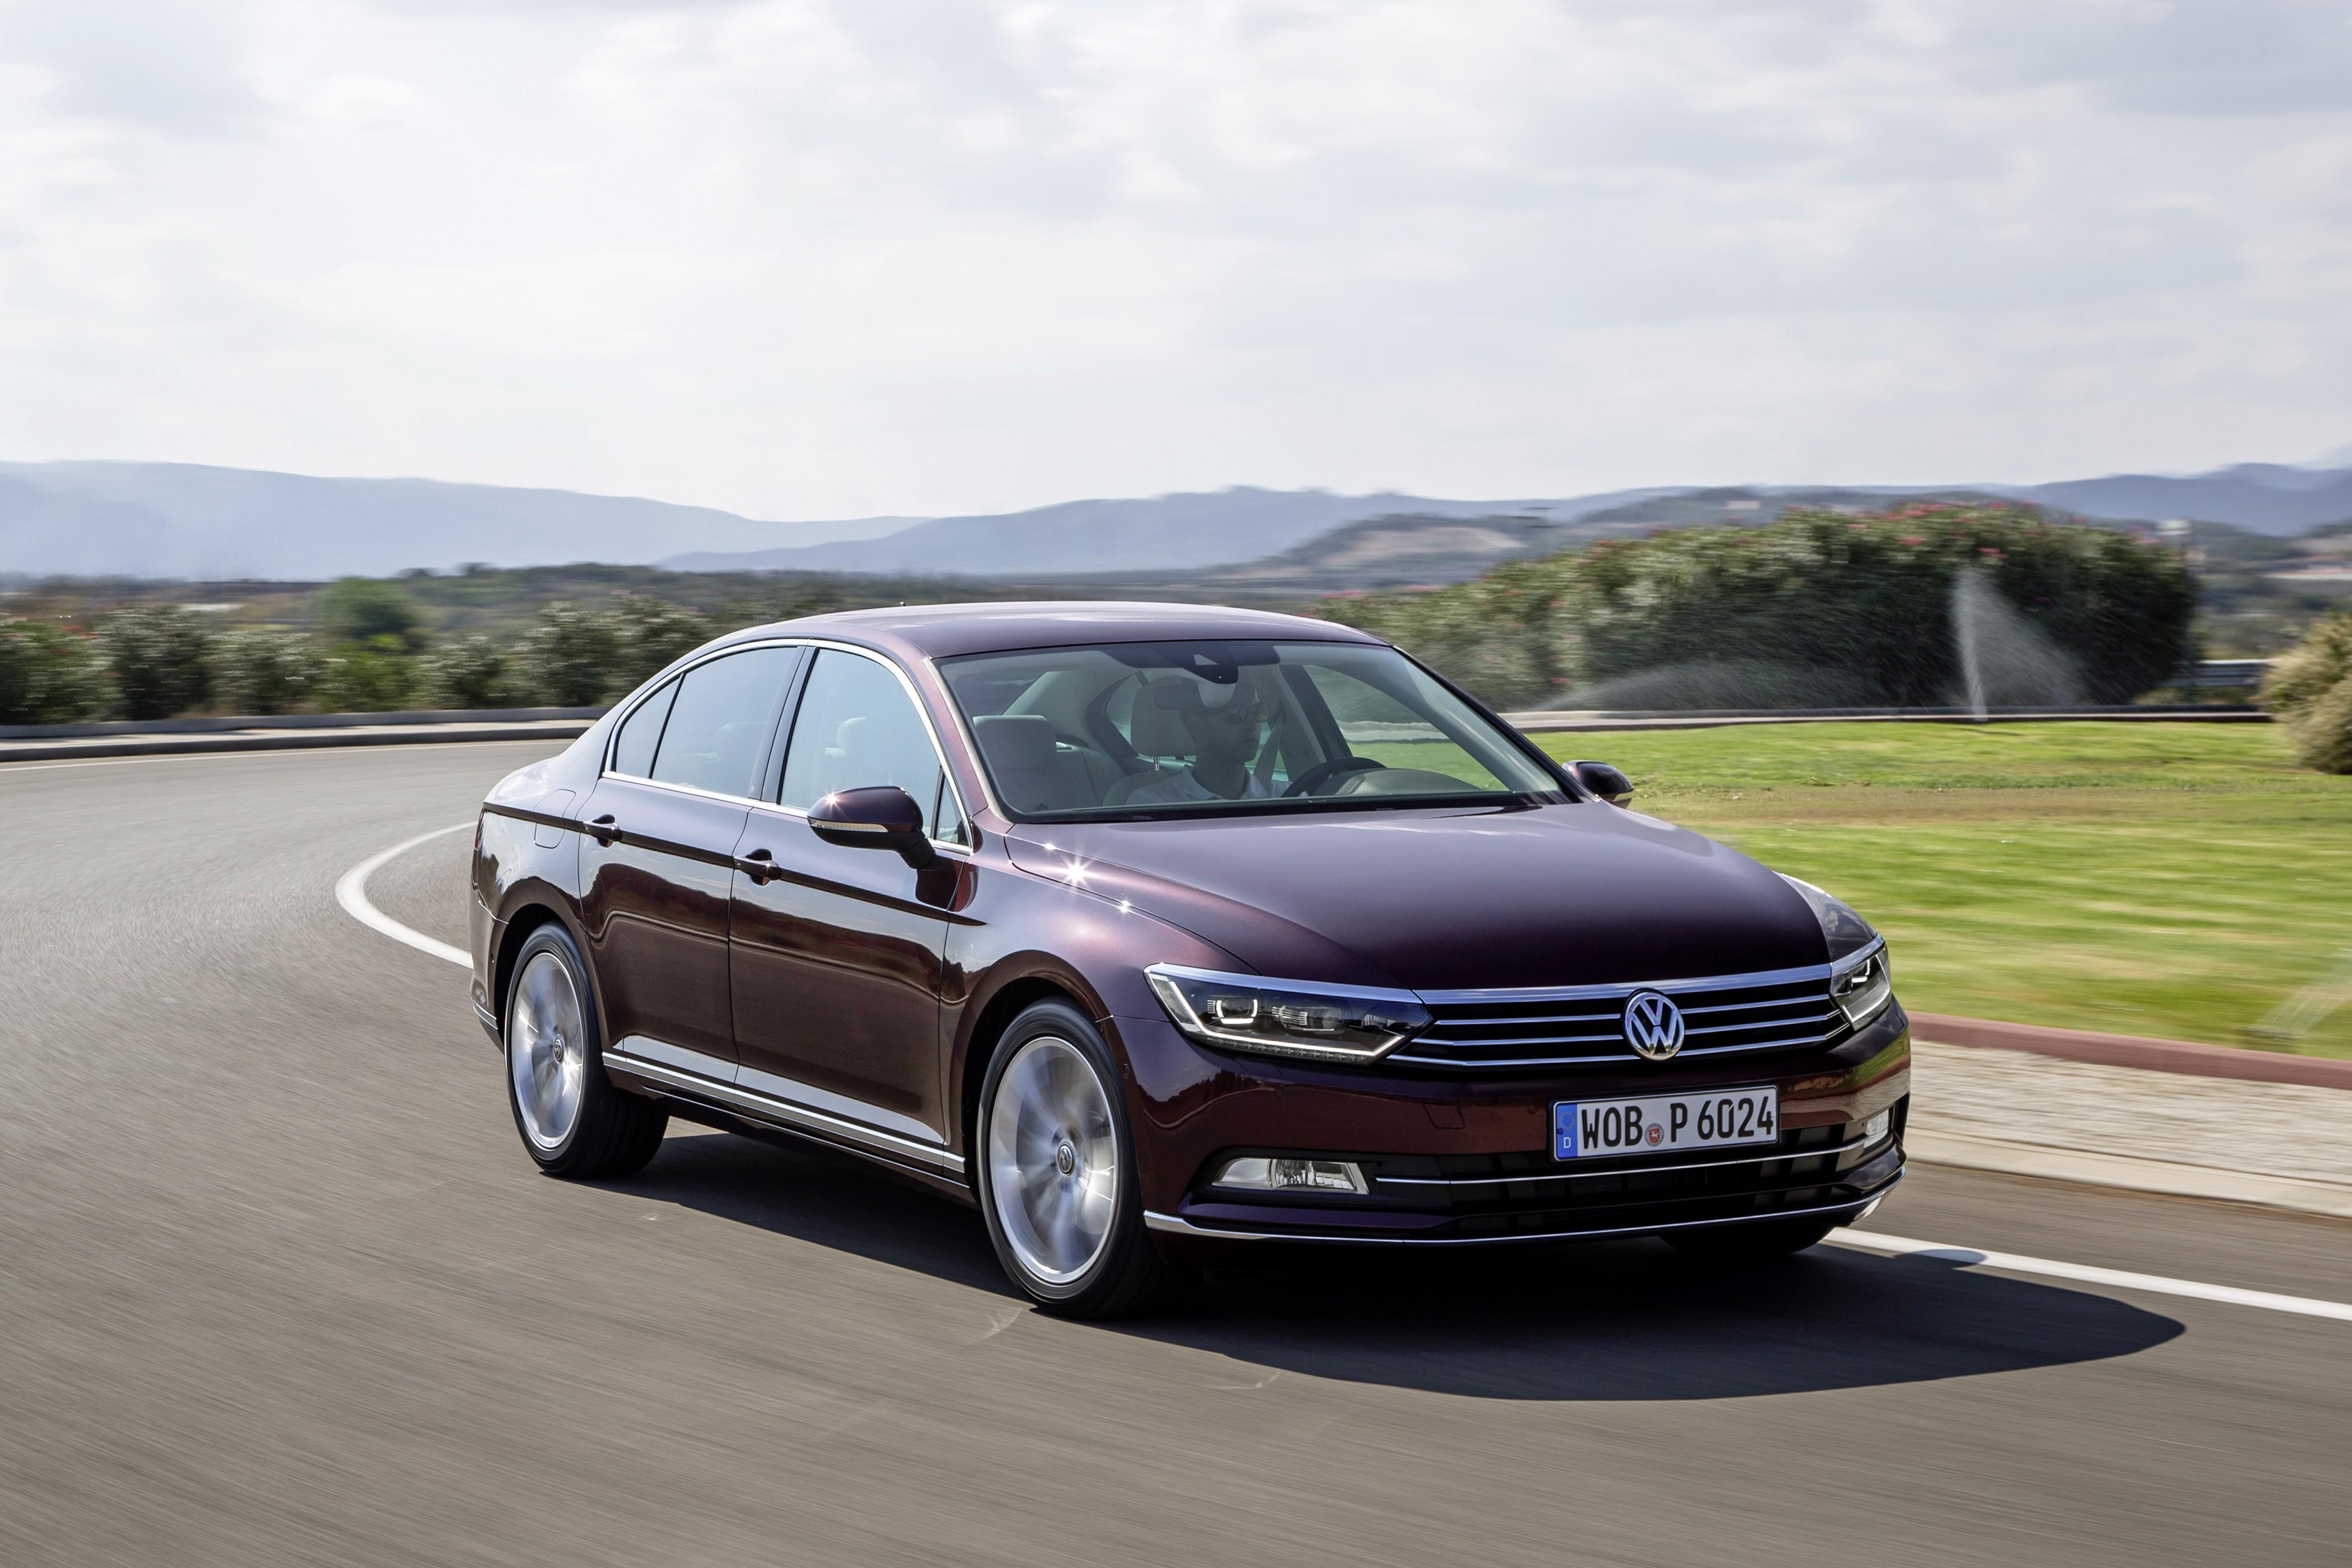 New Volkswagen Passat B8 Features Overview Photo Video